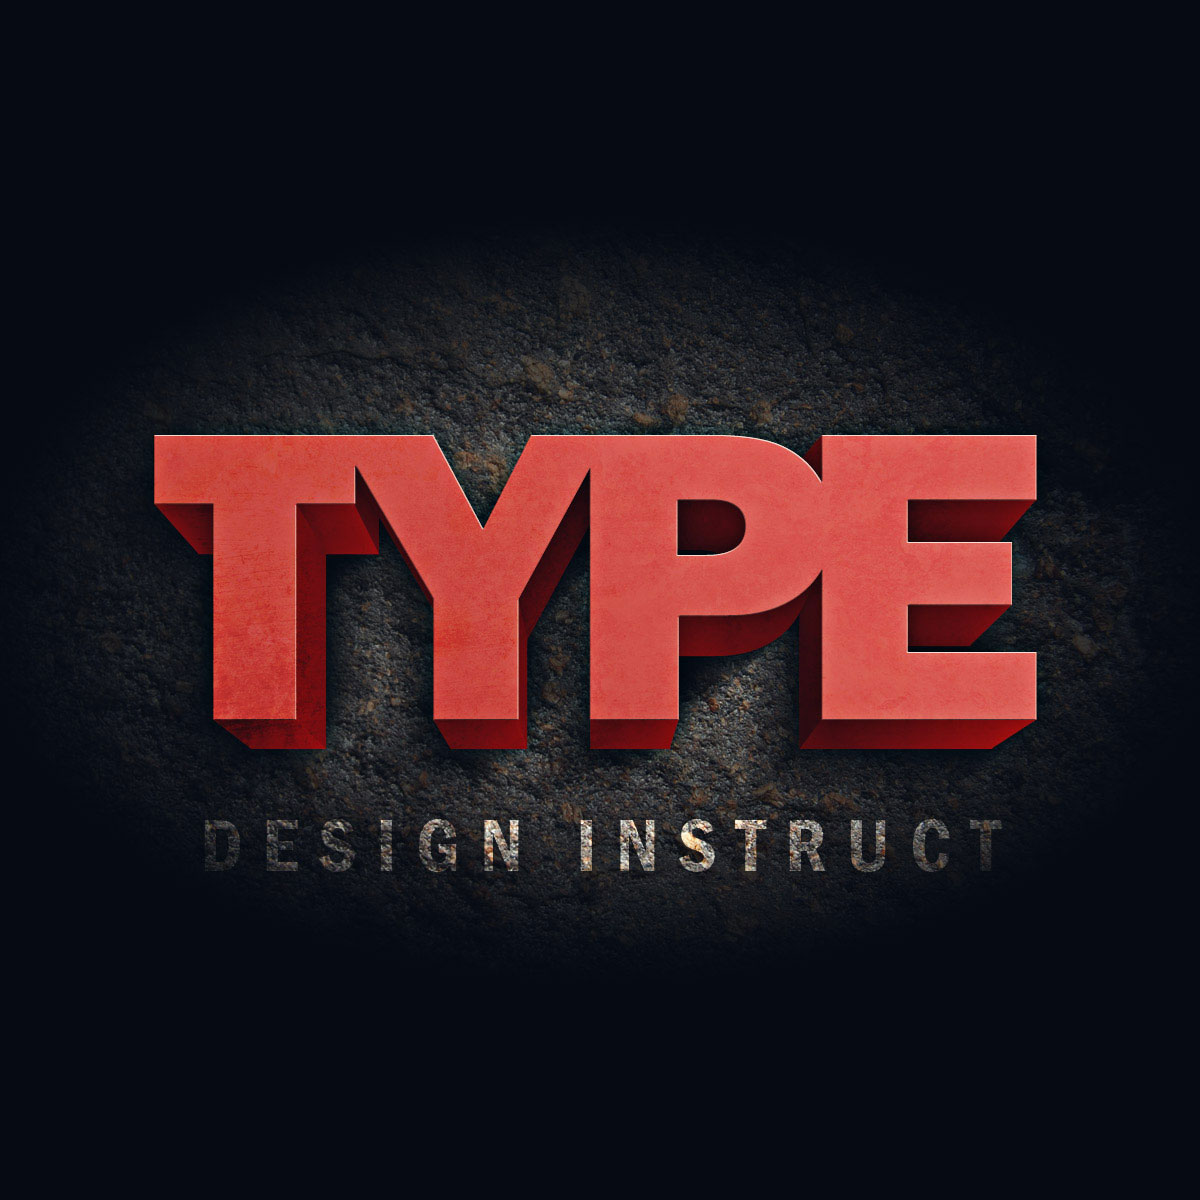 Create a Dark Grunge 3D Text Scene in Photoshop